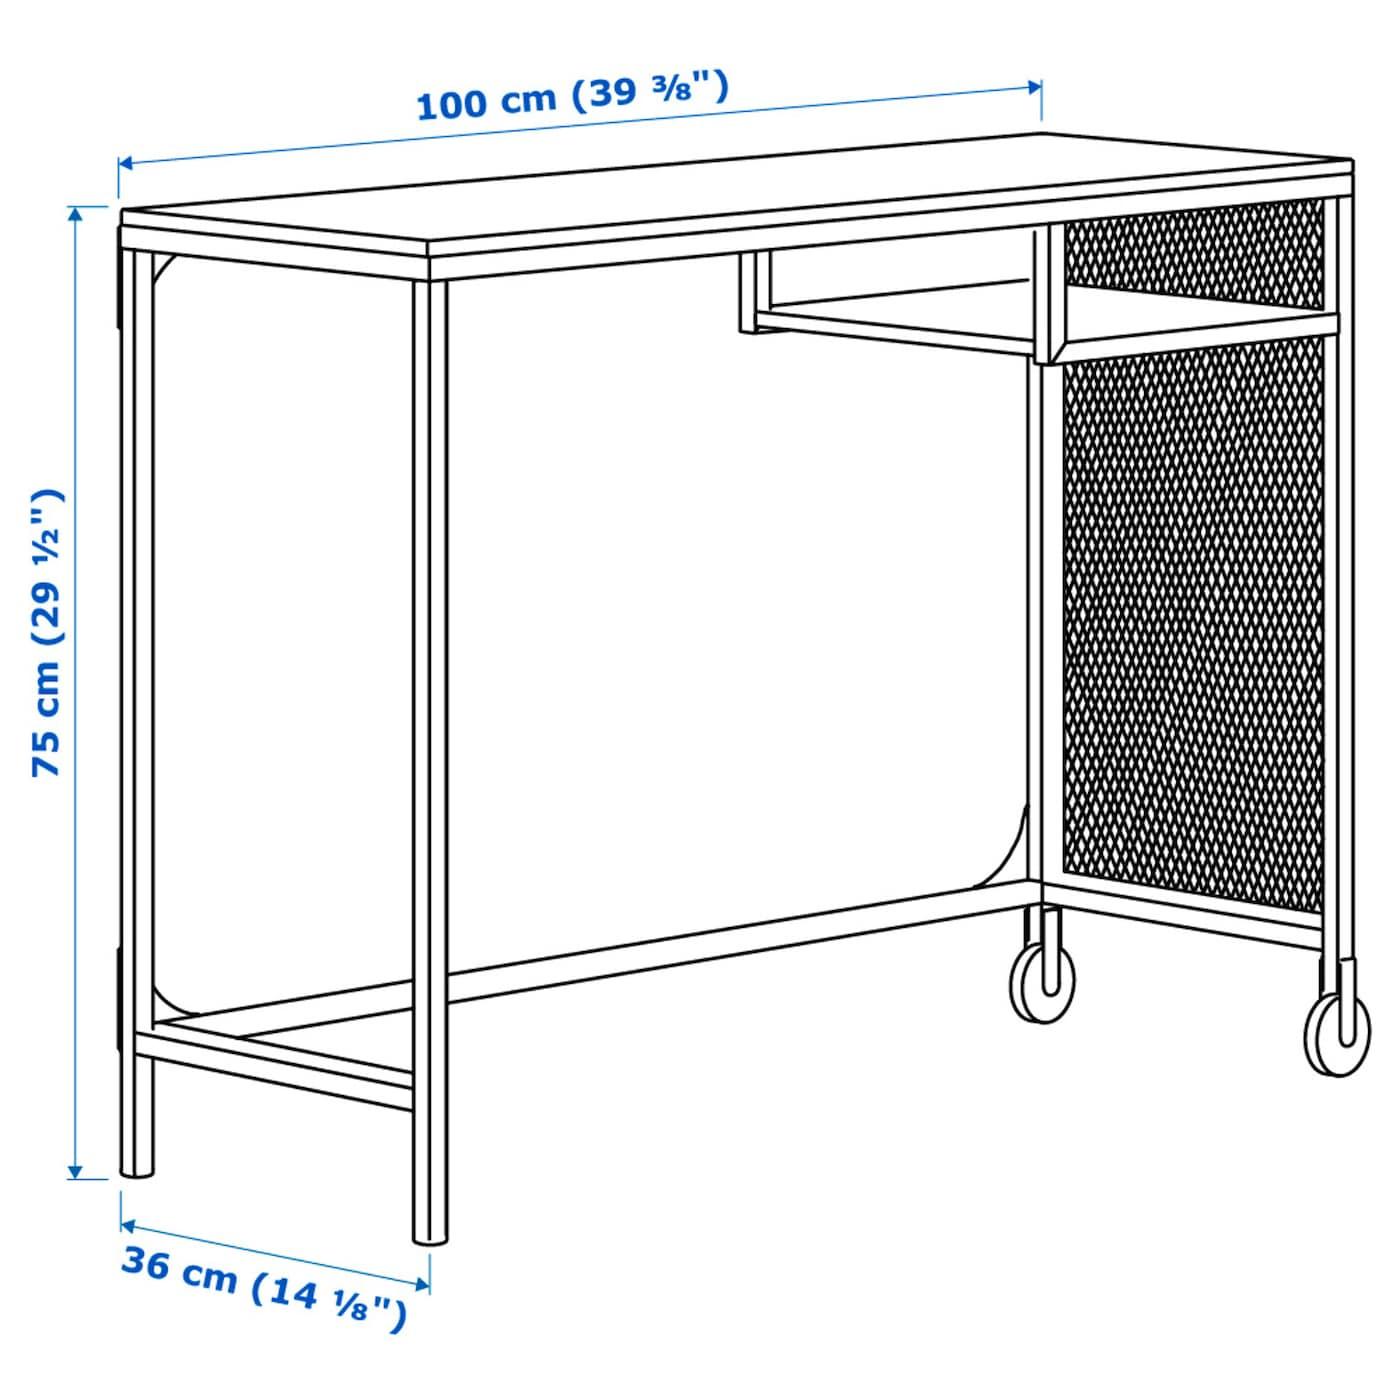 Fj llbo table ordinateur portable noir 100x36 cm ikea for Table d ordinateur portable ikea